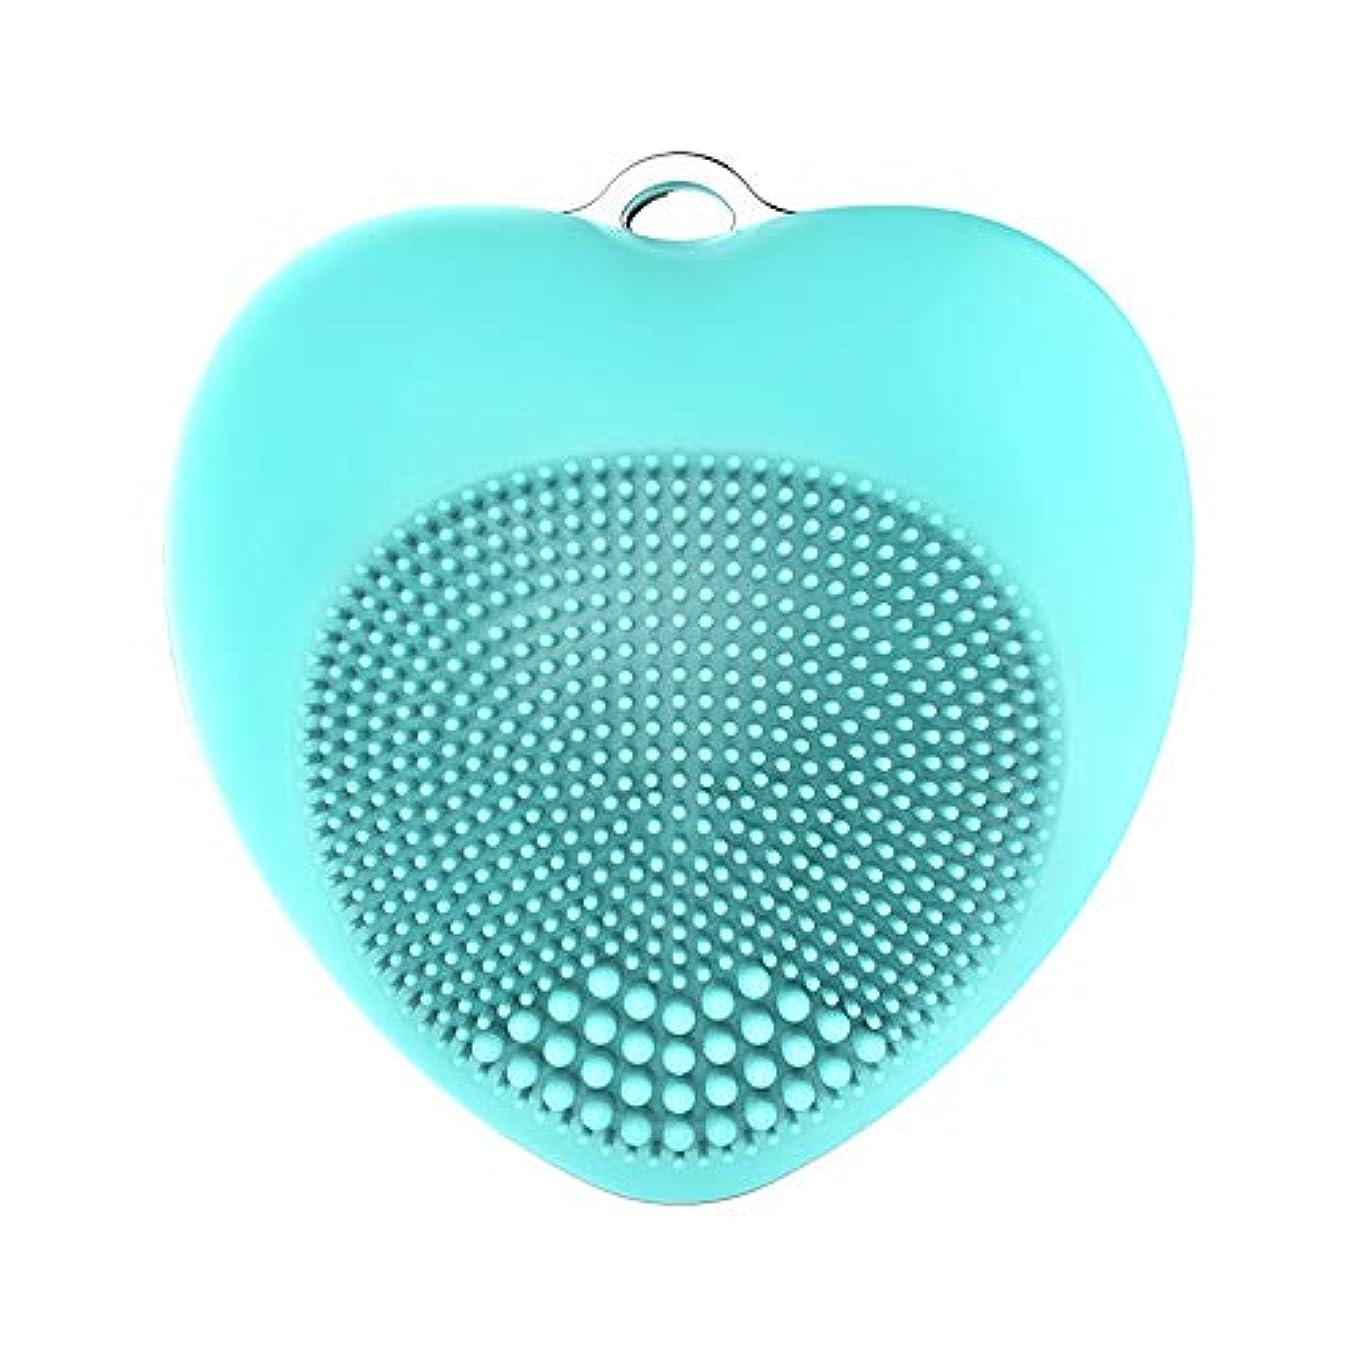 明快ほうき手順LYX 新シリコーンクレンジング器、電気美容機器、毛穴クレンジングブラックヘッドウォッシュブラシ、超音波洗顔マッサージツール (Color : 青)